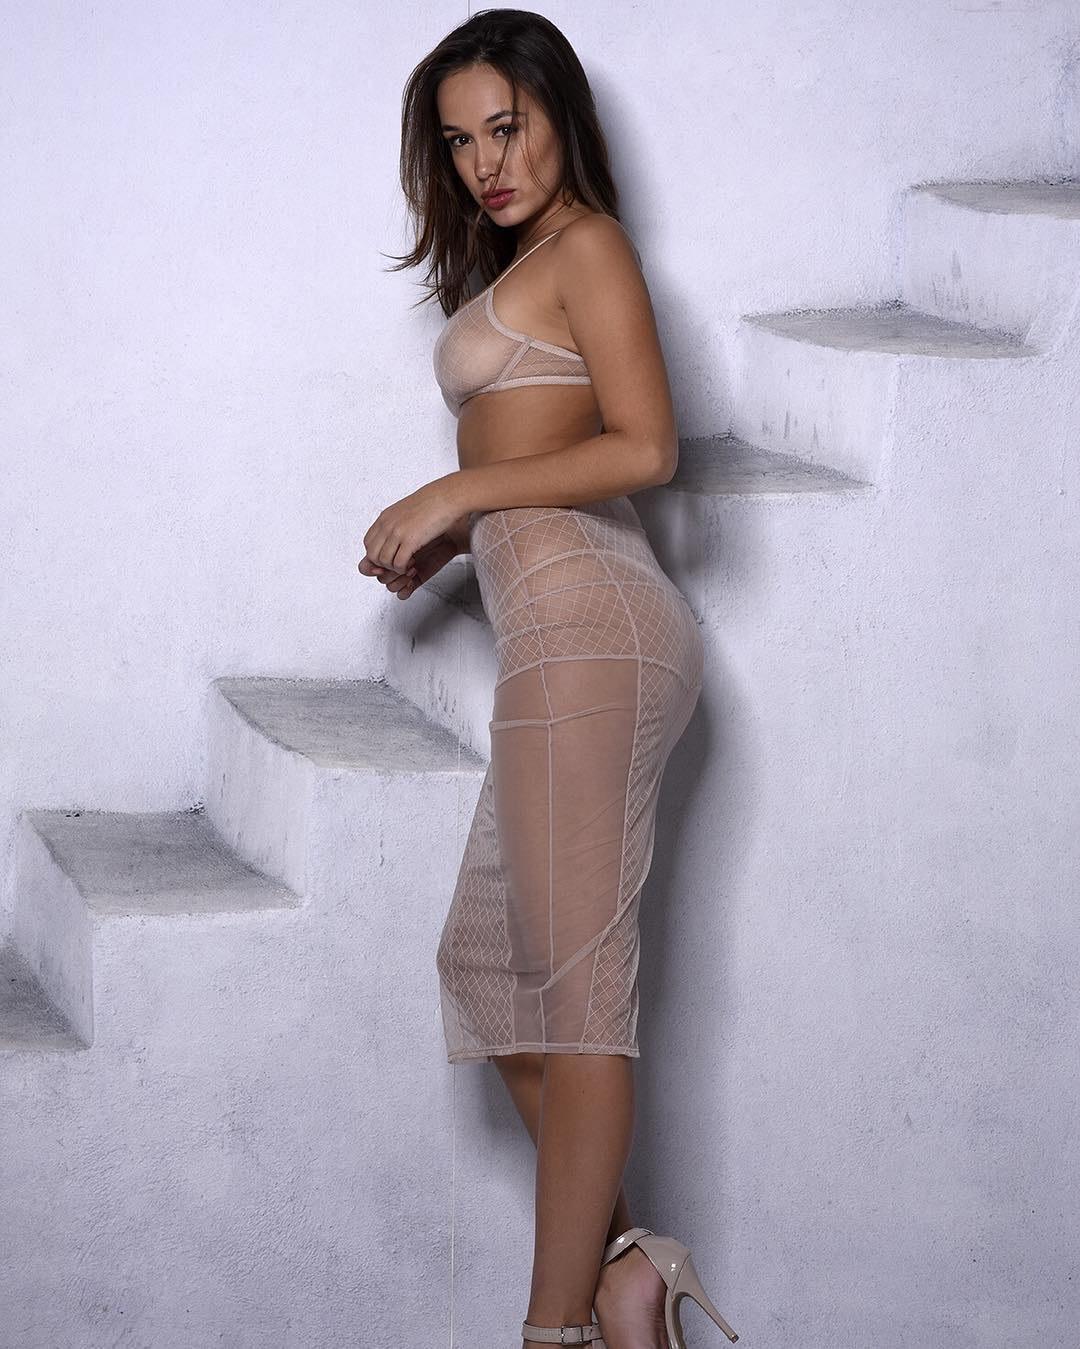 Эскорт модель Валерия фотография 4